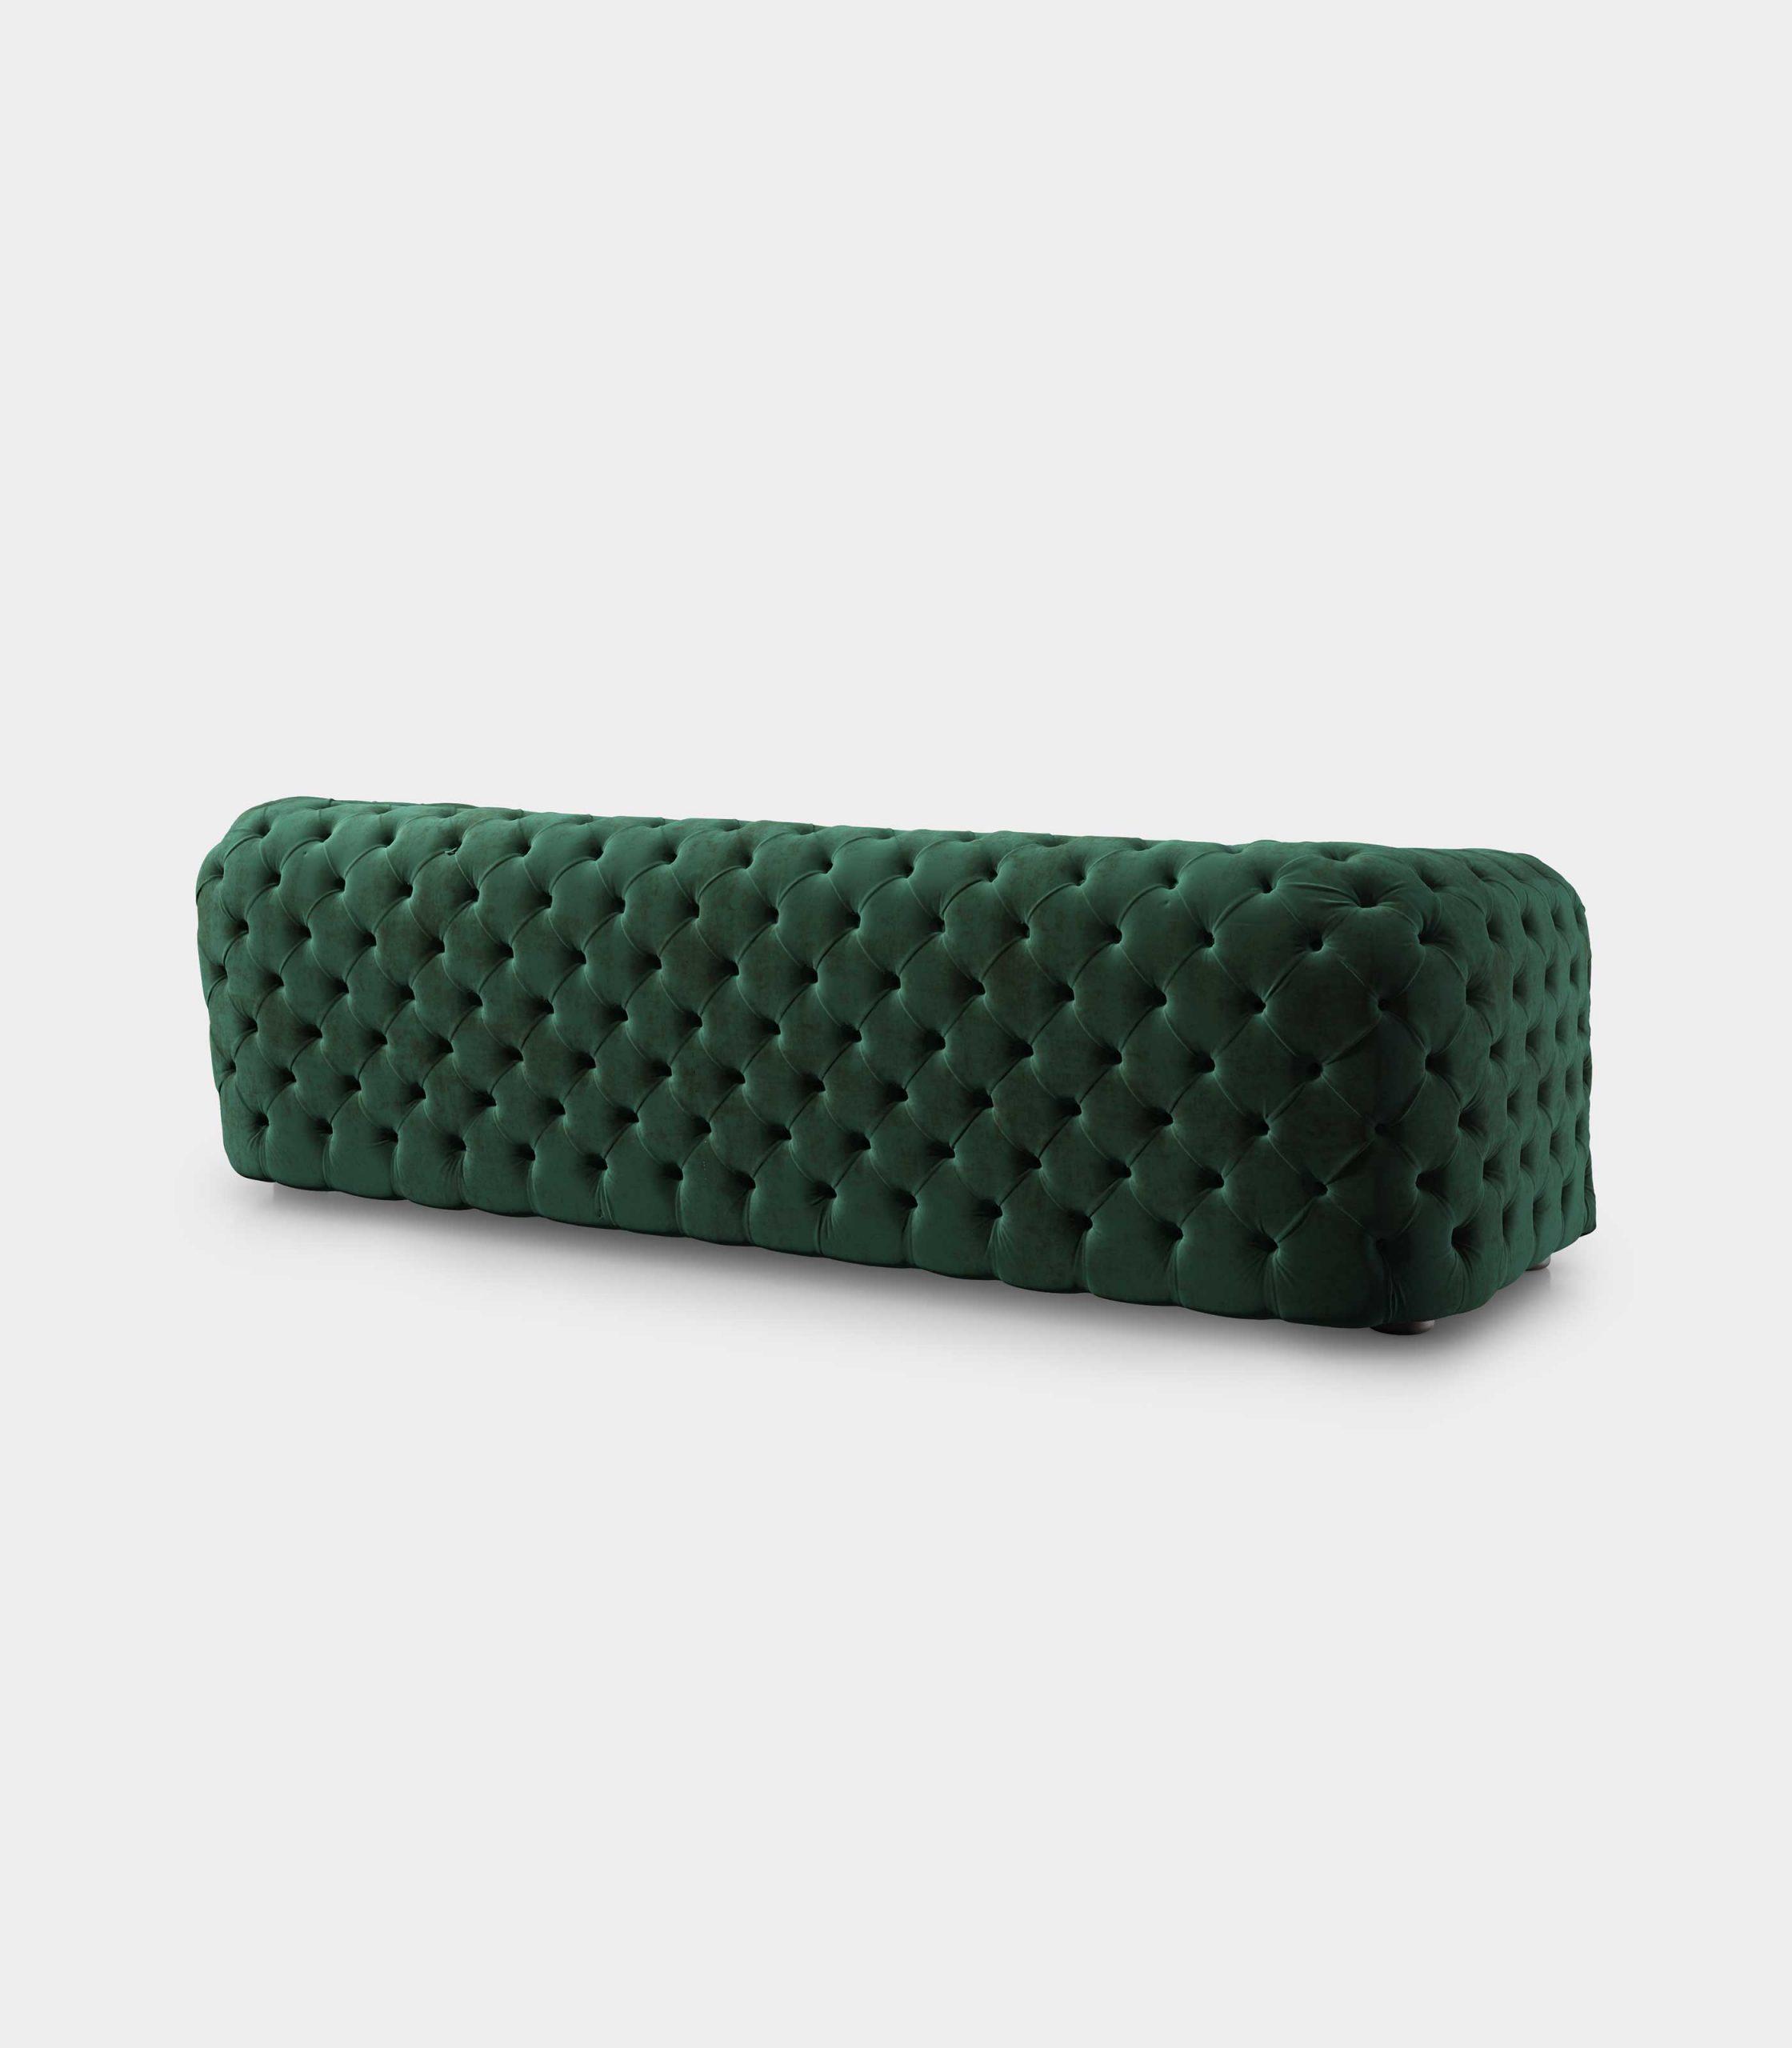 Capitonné green velvet sofa loopo milan design R